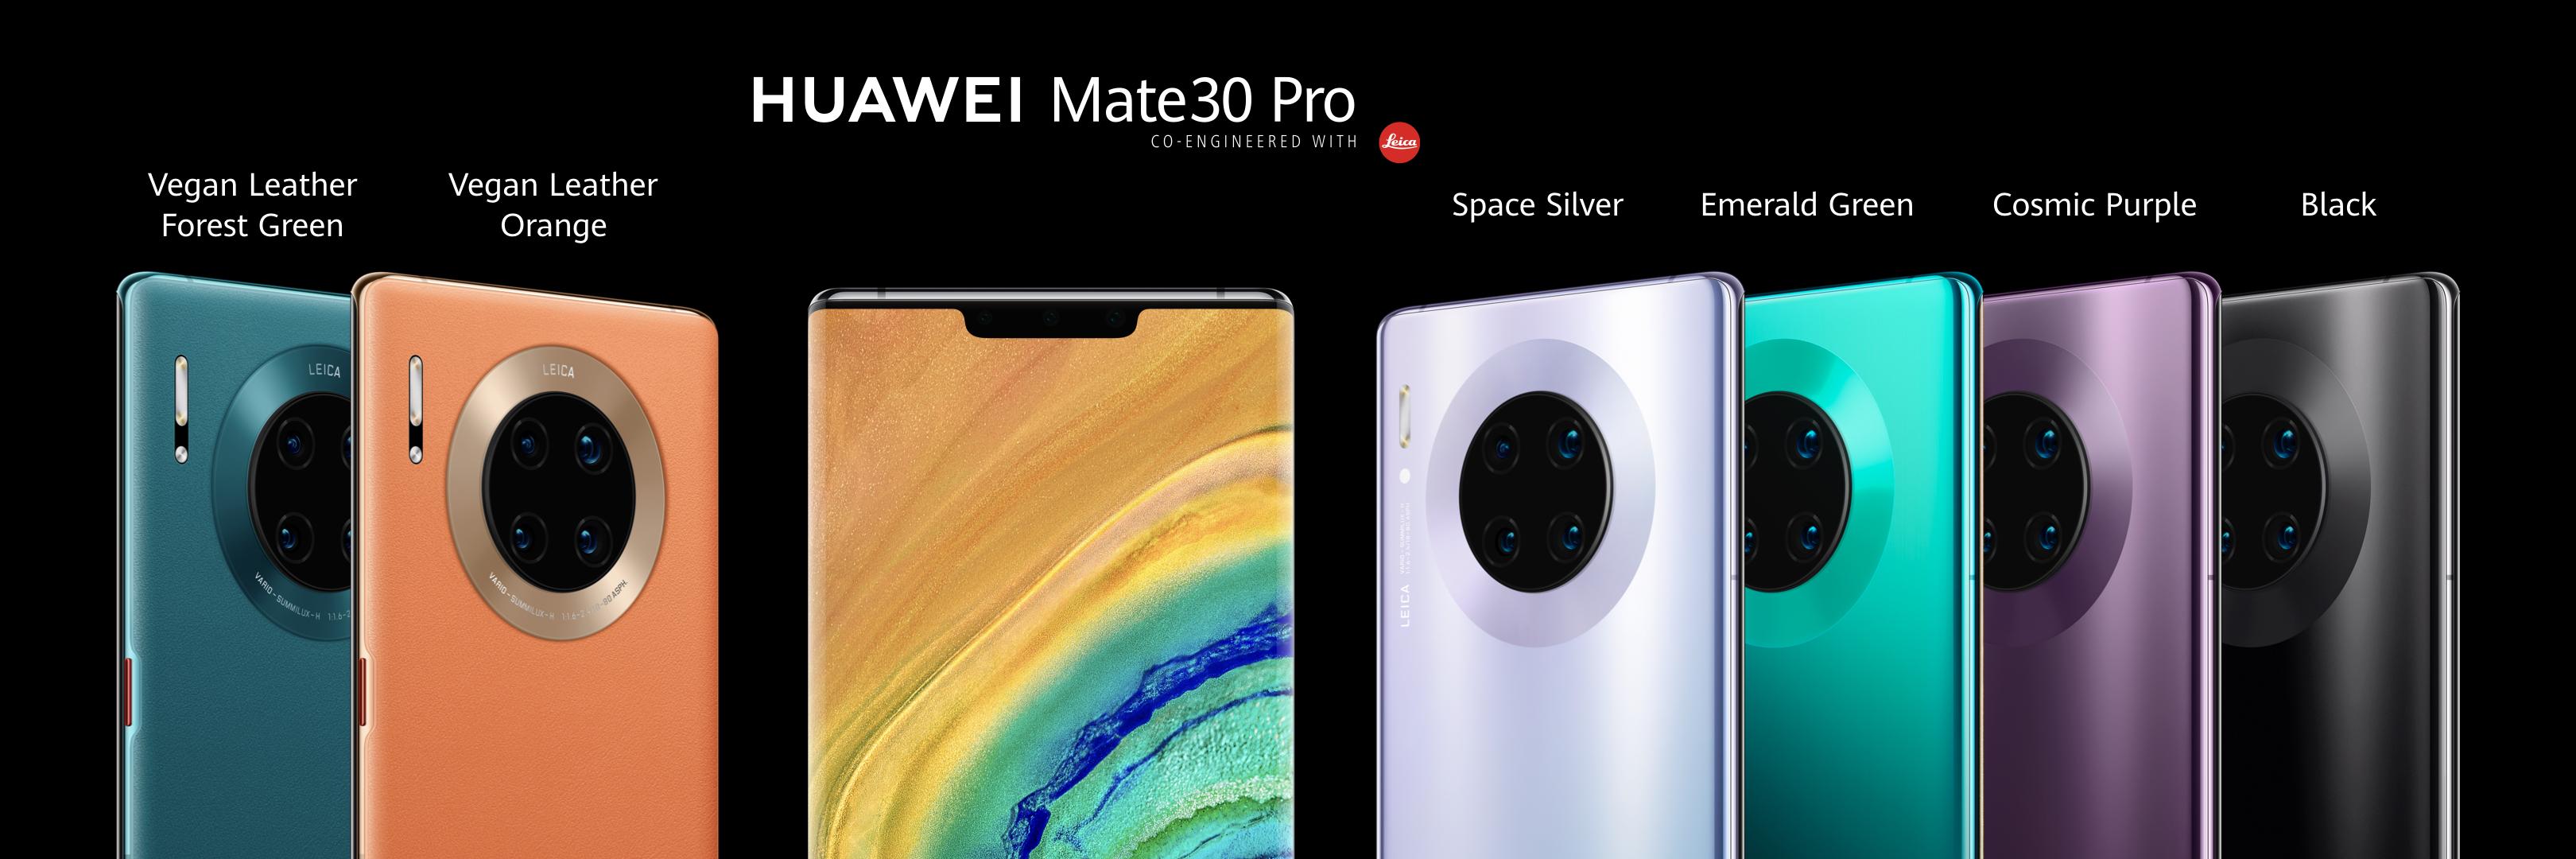 Huawei Mate30 e Mate30 Pro ufficiali: nuovo design e fotocamera al top 1